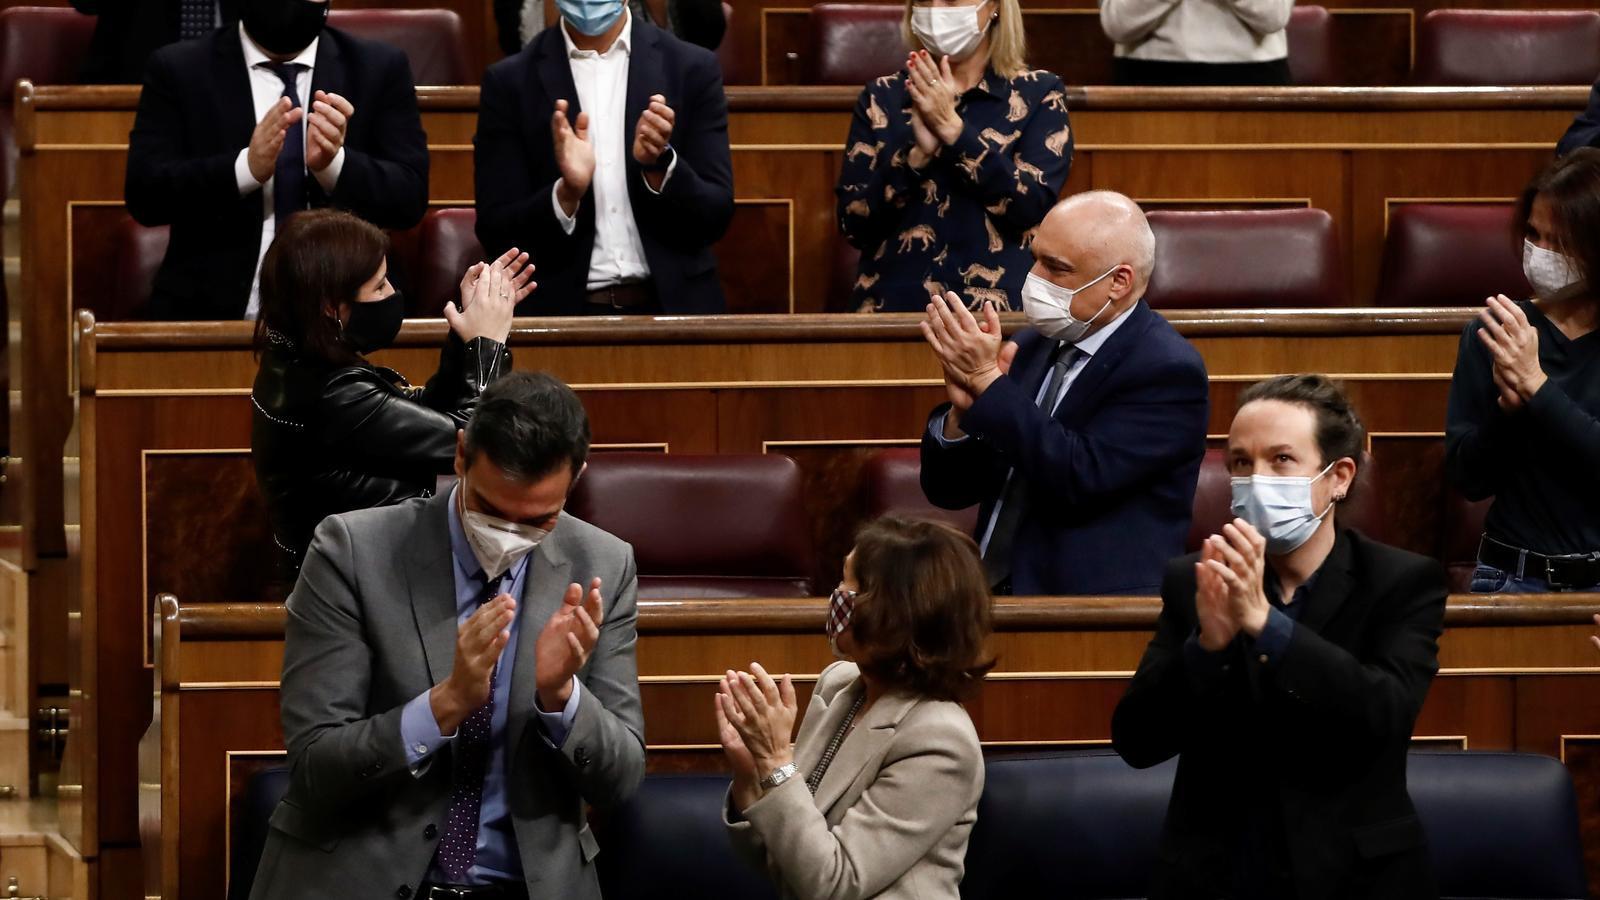 El Congrés aprova per àmplia majoria els pressupostos amb més despesa social, que ara passen al Senat